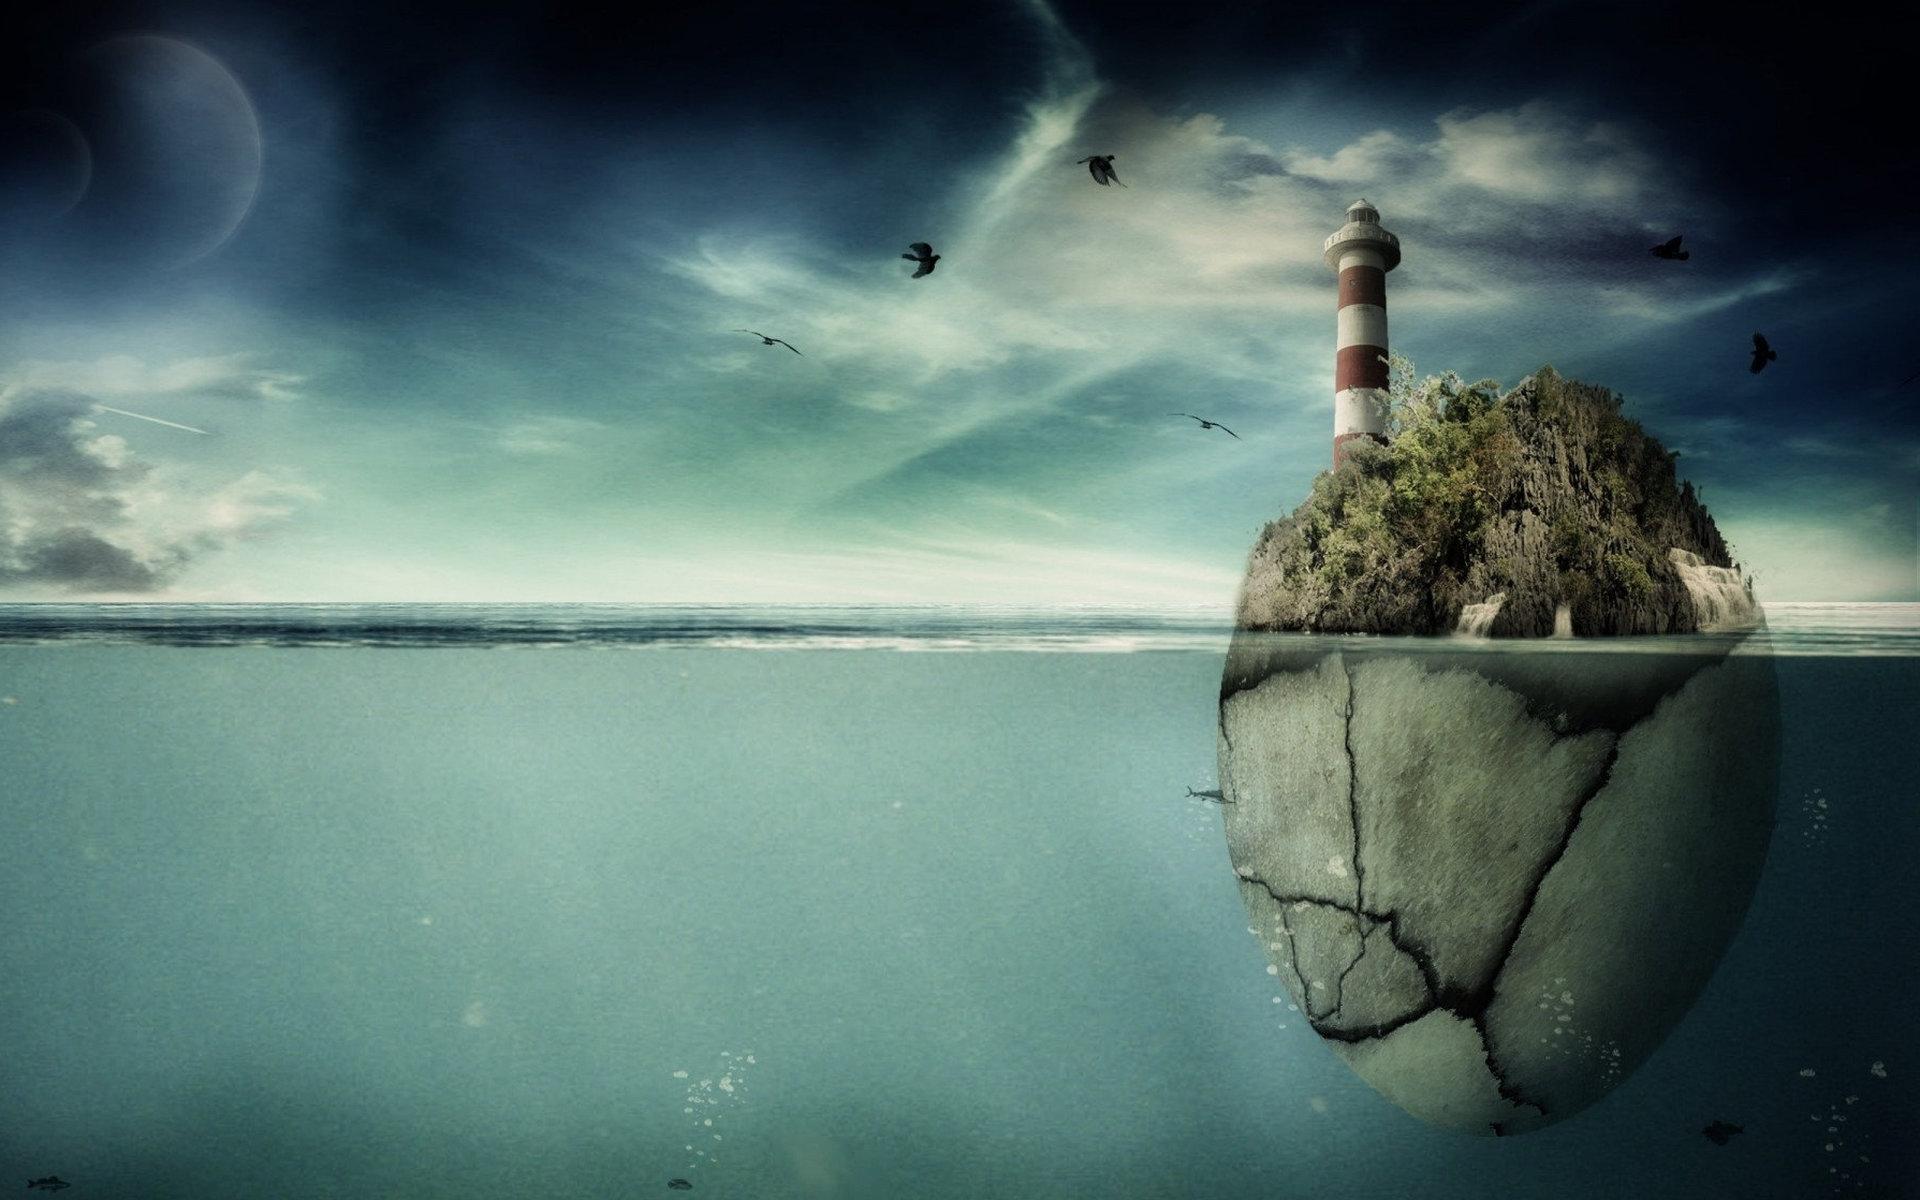 Остров-яйцо с маяком